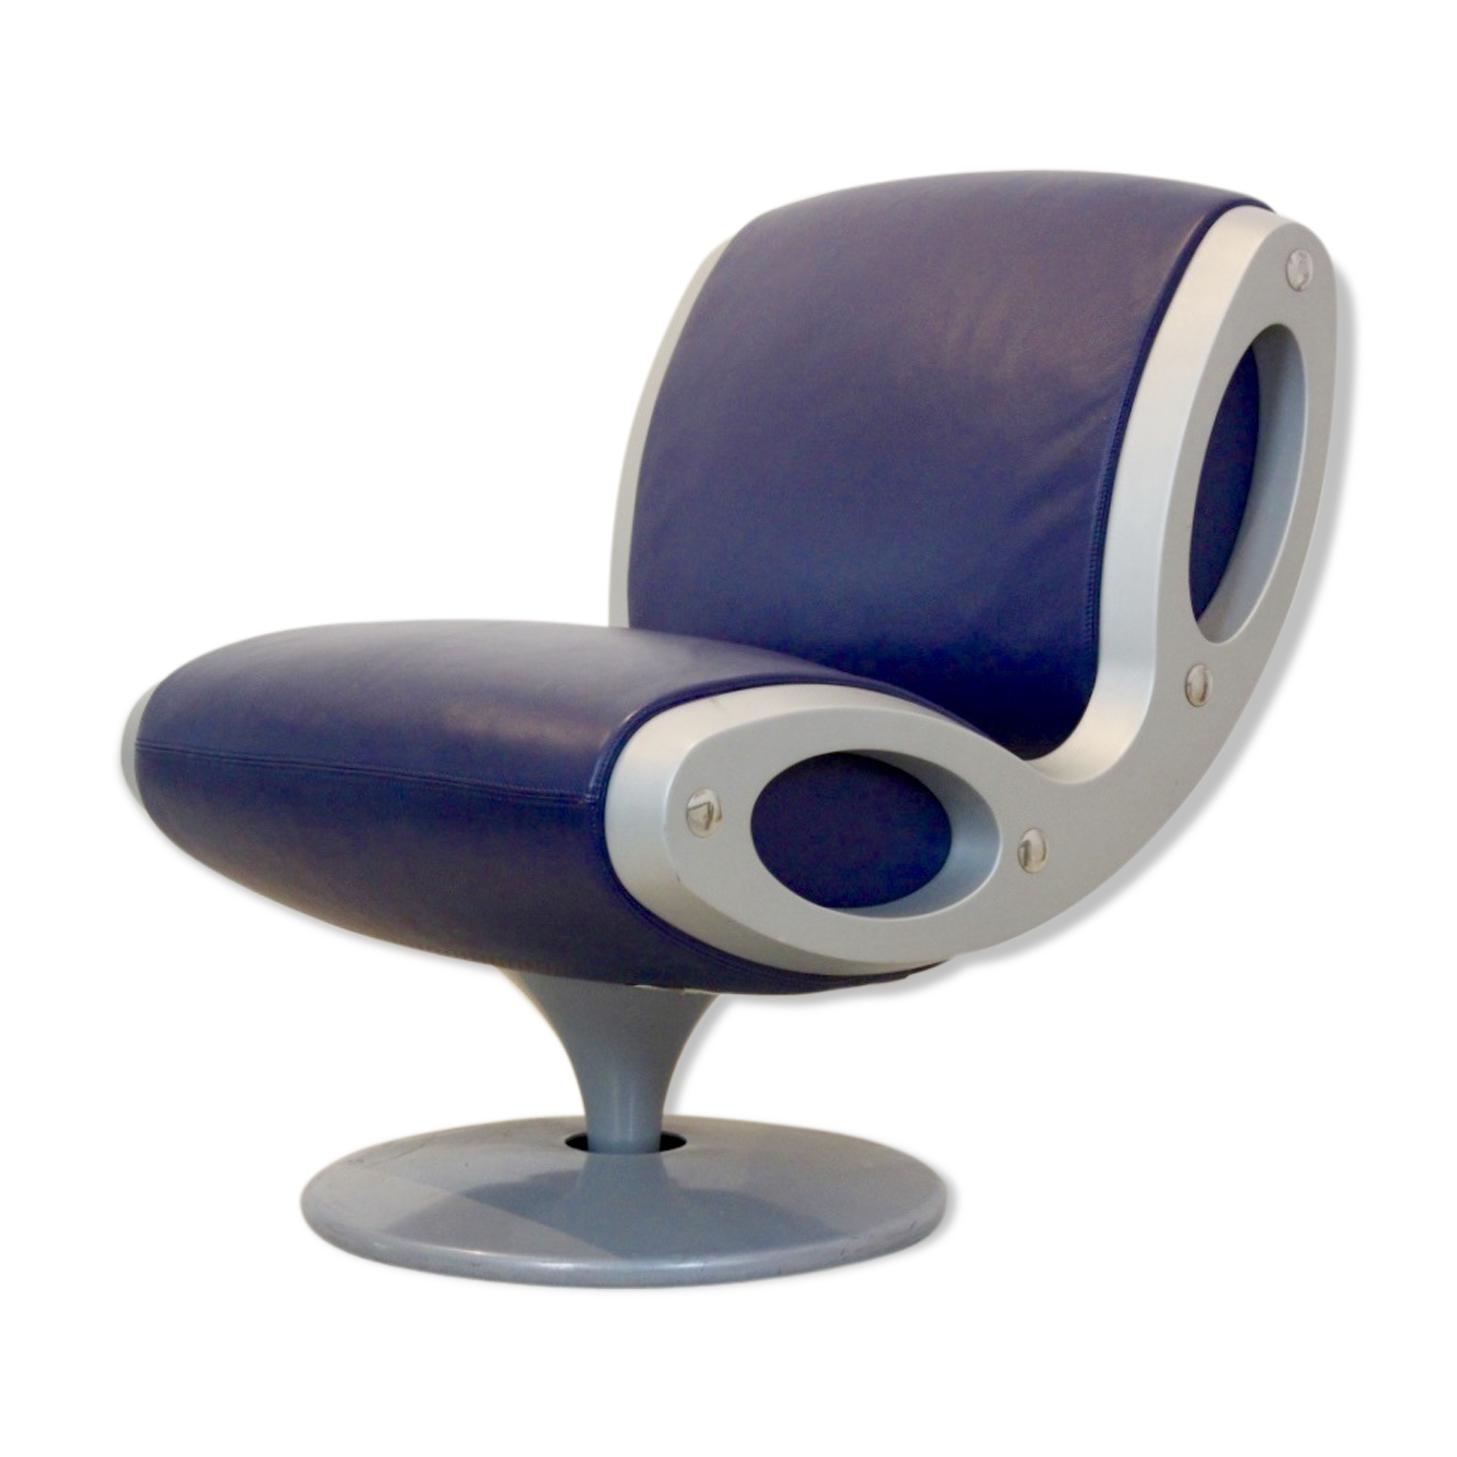 Chaise pivotante «gluon» conçue par Marc Newson pour Moroso années 90 Italie